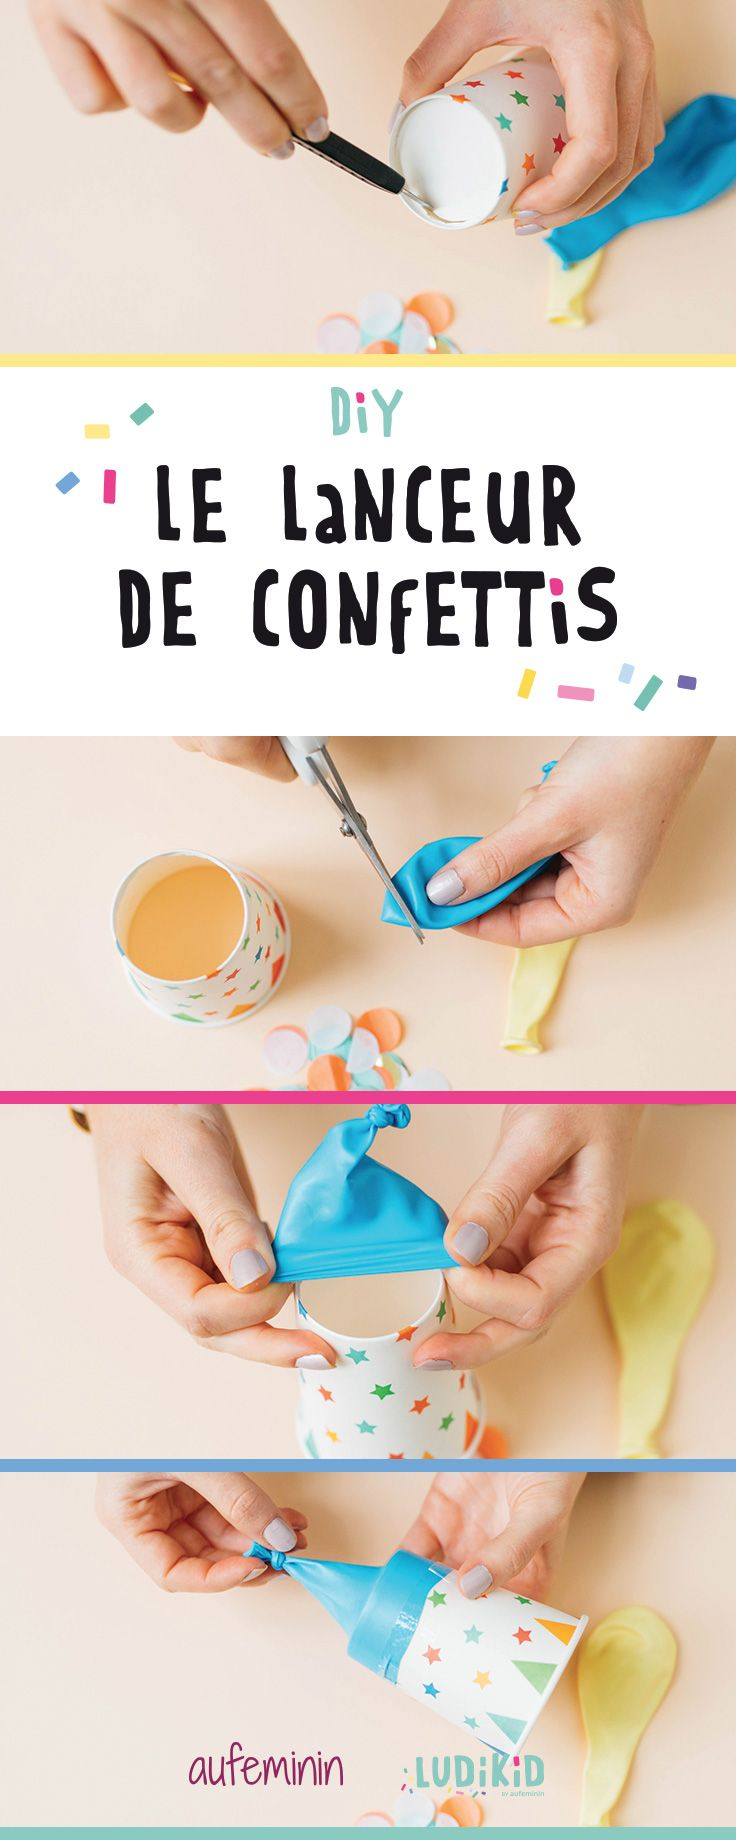 3, 2, 1... Lancez ! Les enfants vont adorer jouer avec ce lanceur de confettis lors d'un anniversaire !